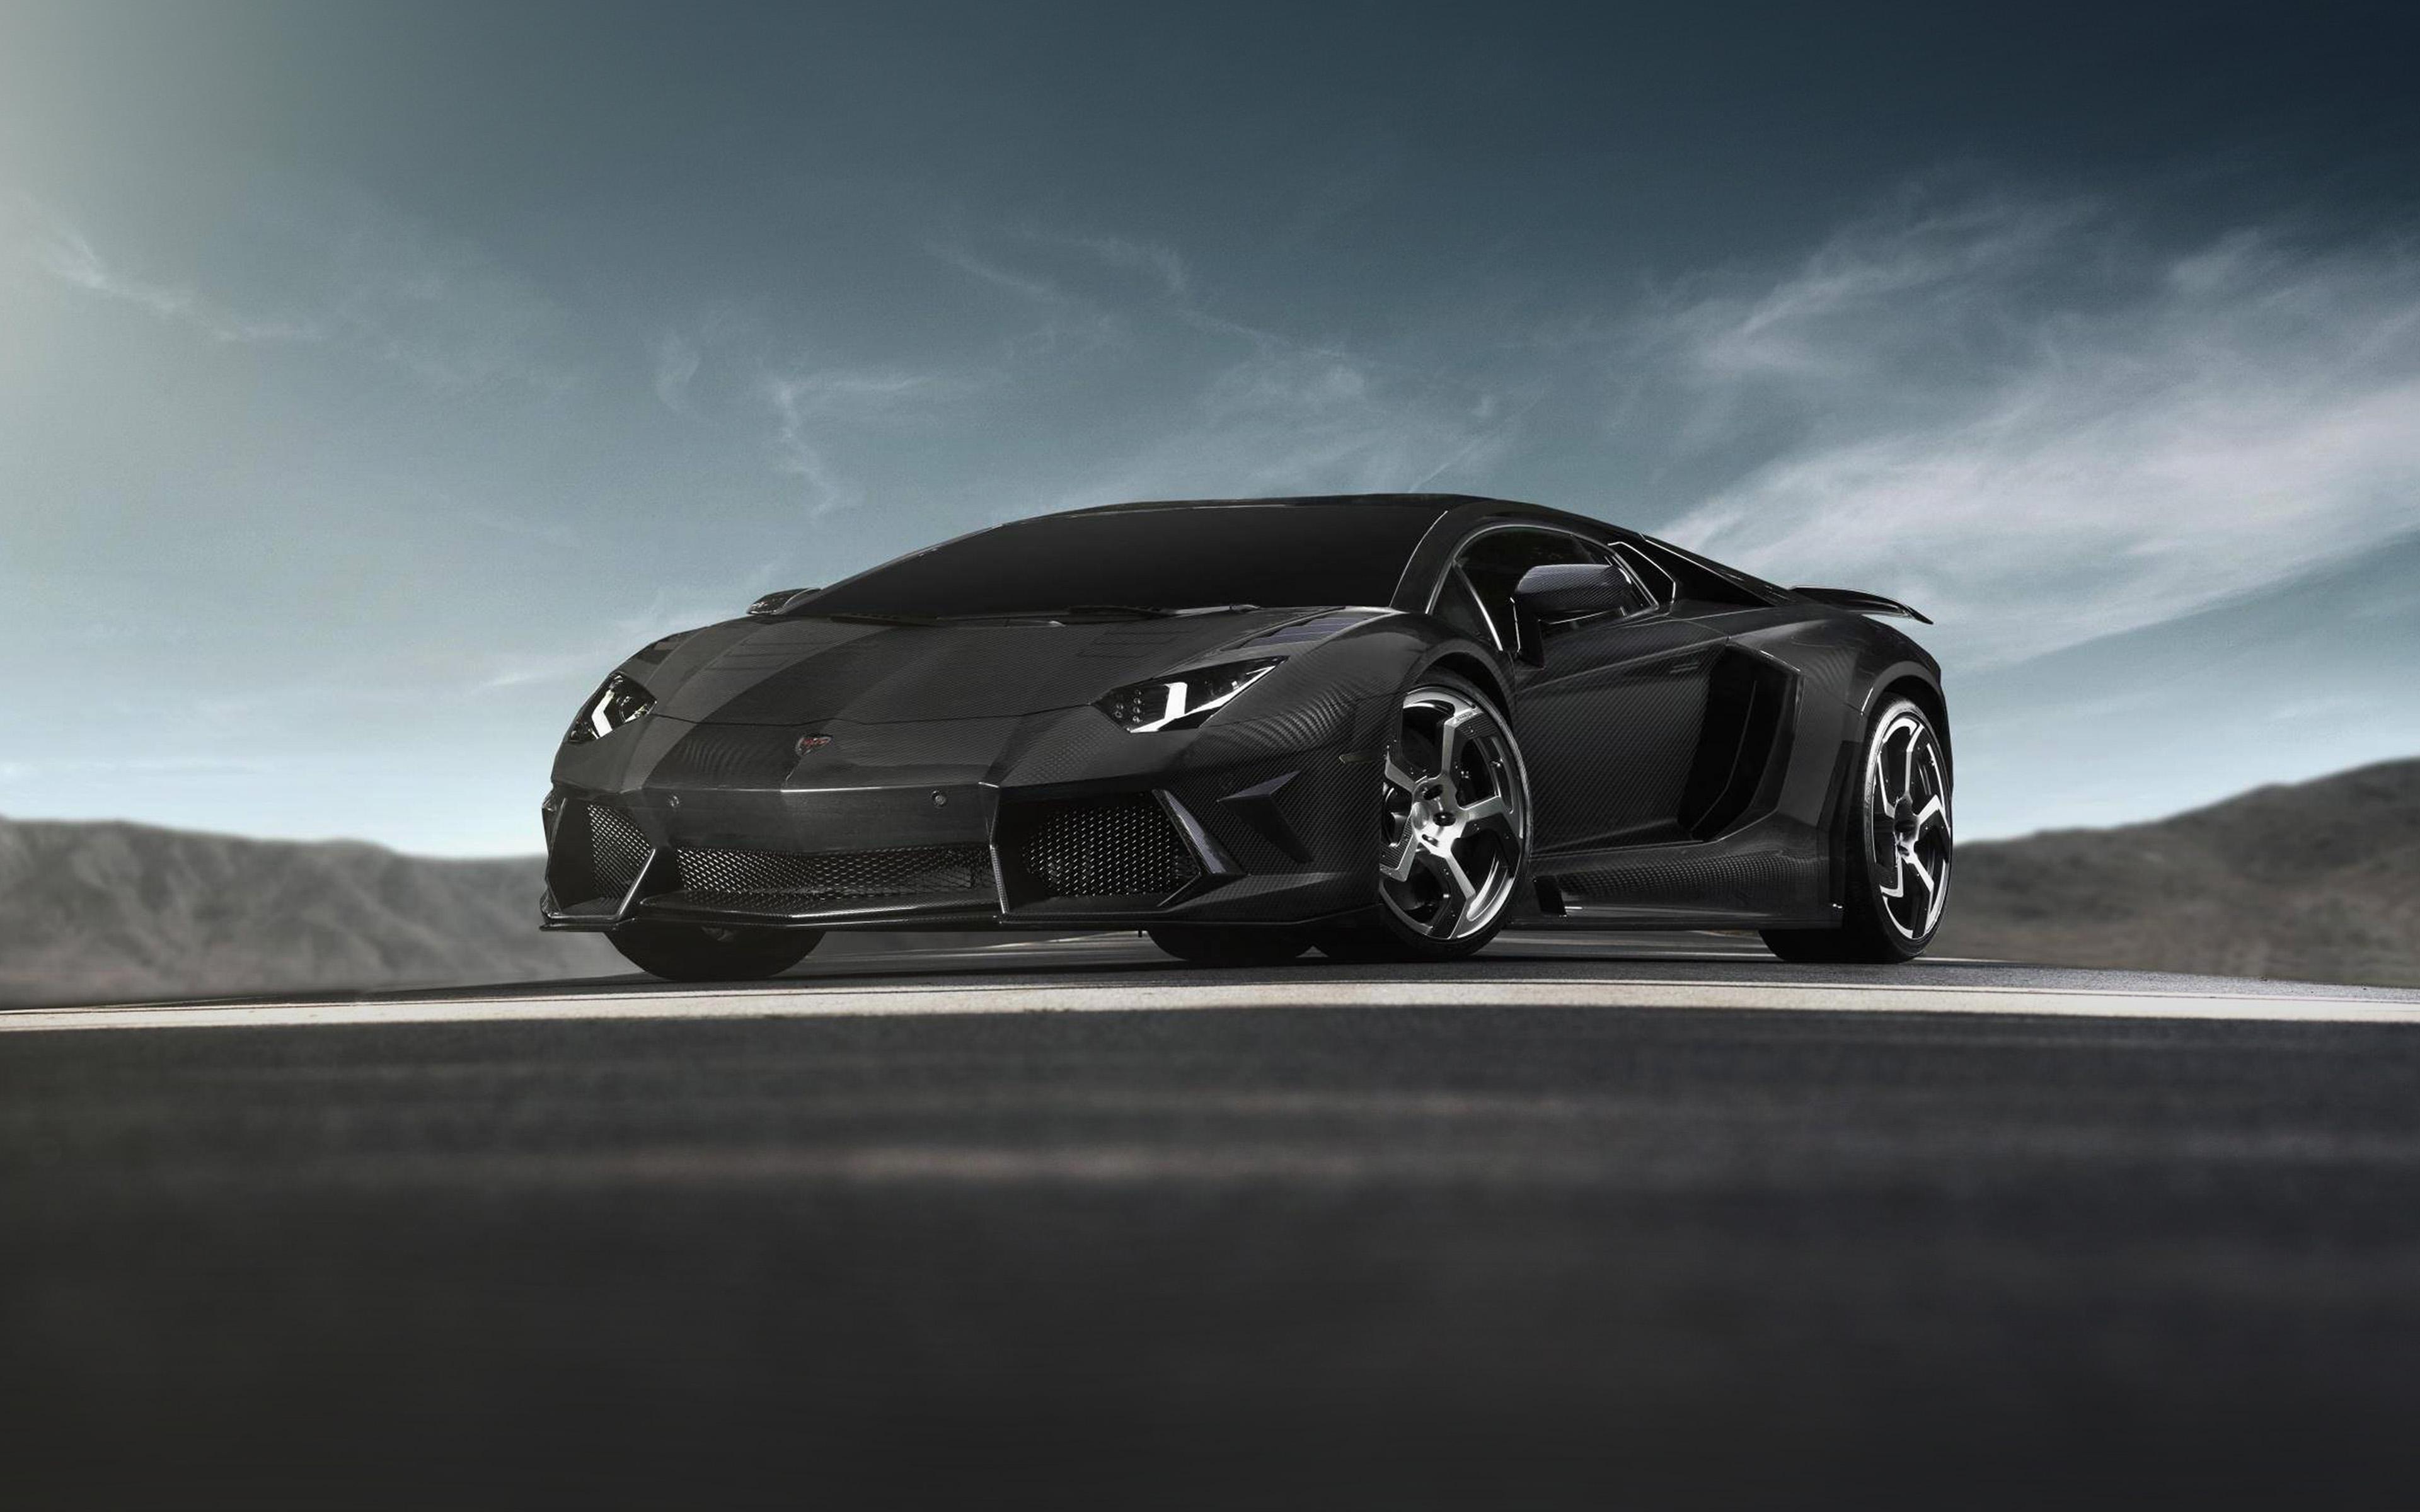 2048x2048 2018 Lamborghini Aventador Svj 4k Ipad Air Hd 4k: 3840 X 2400